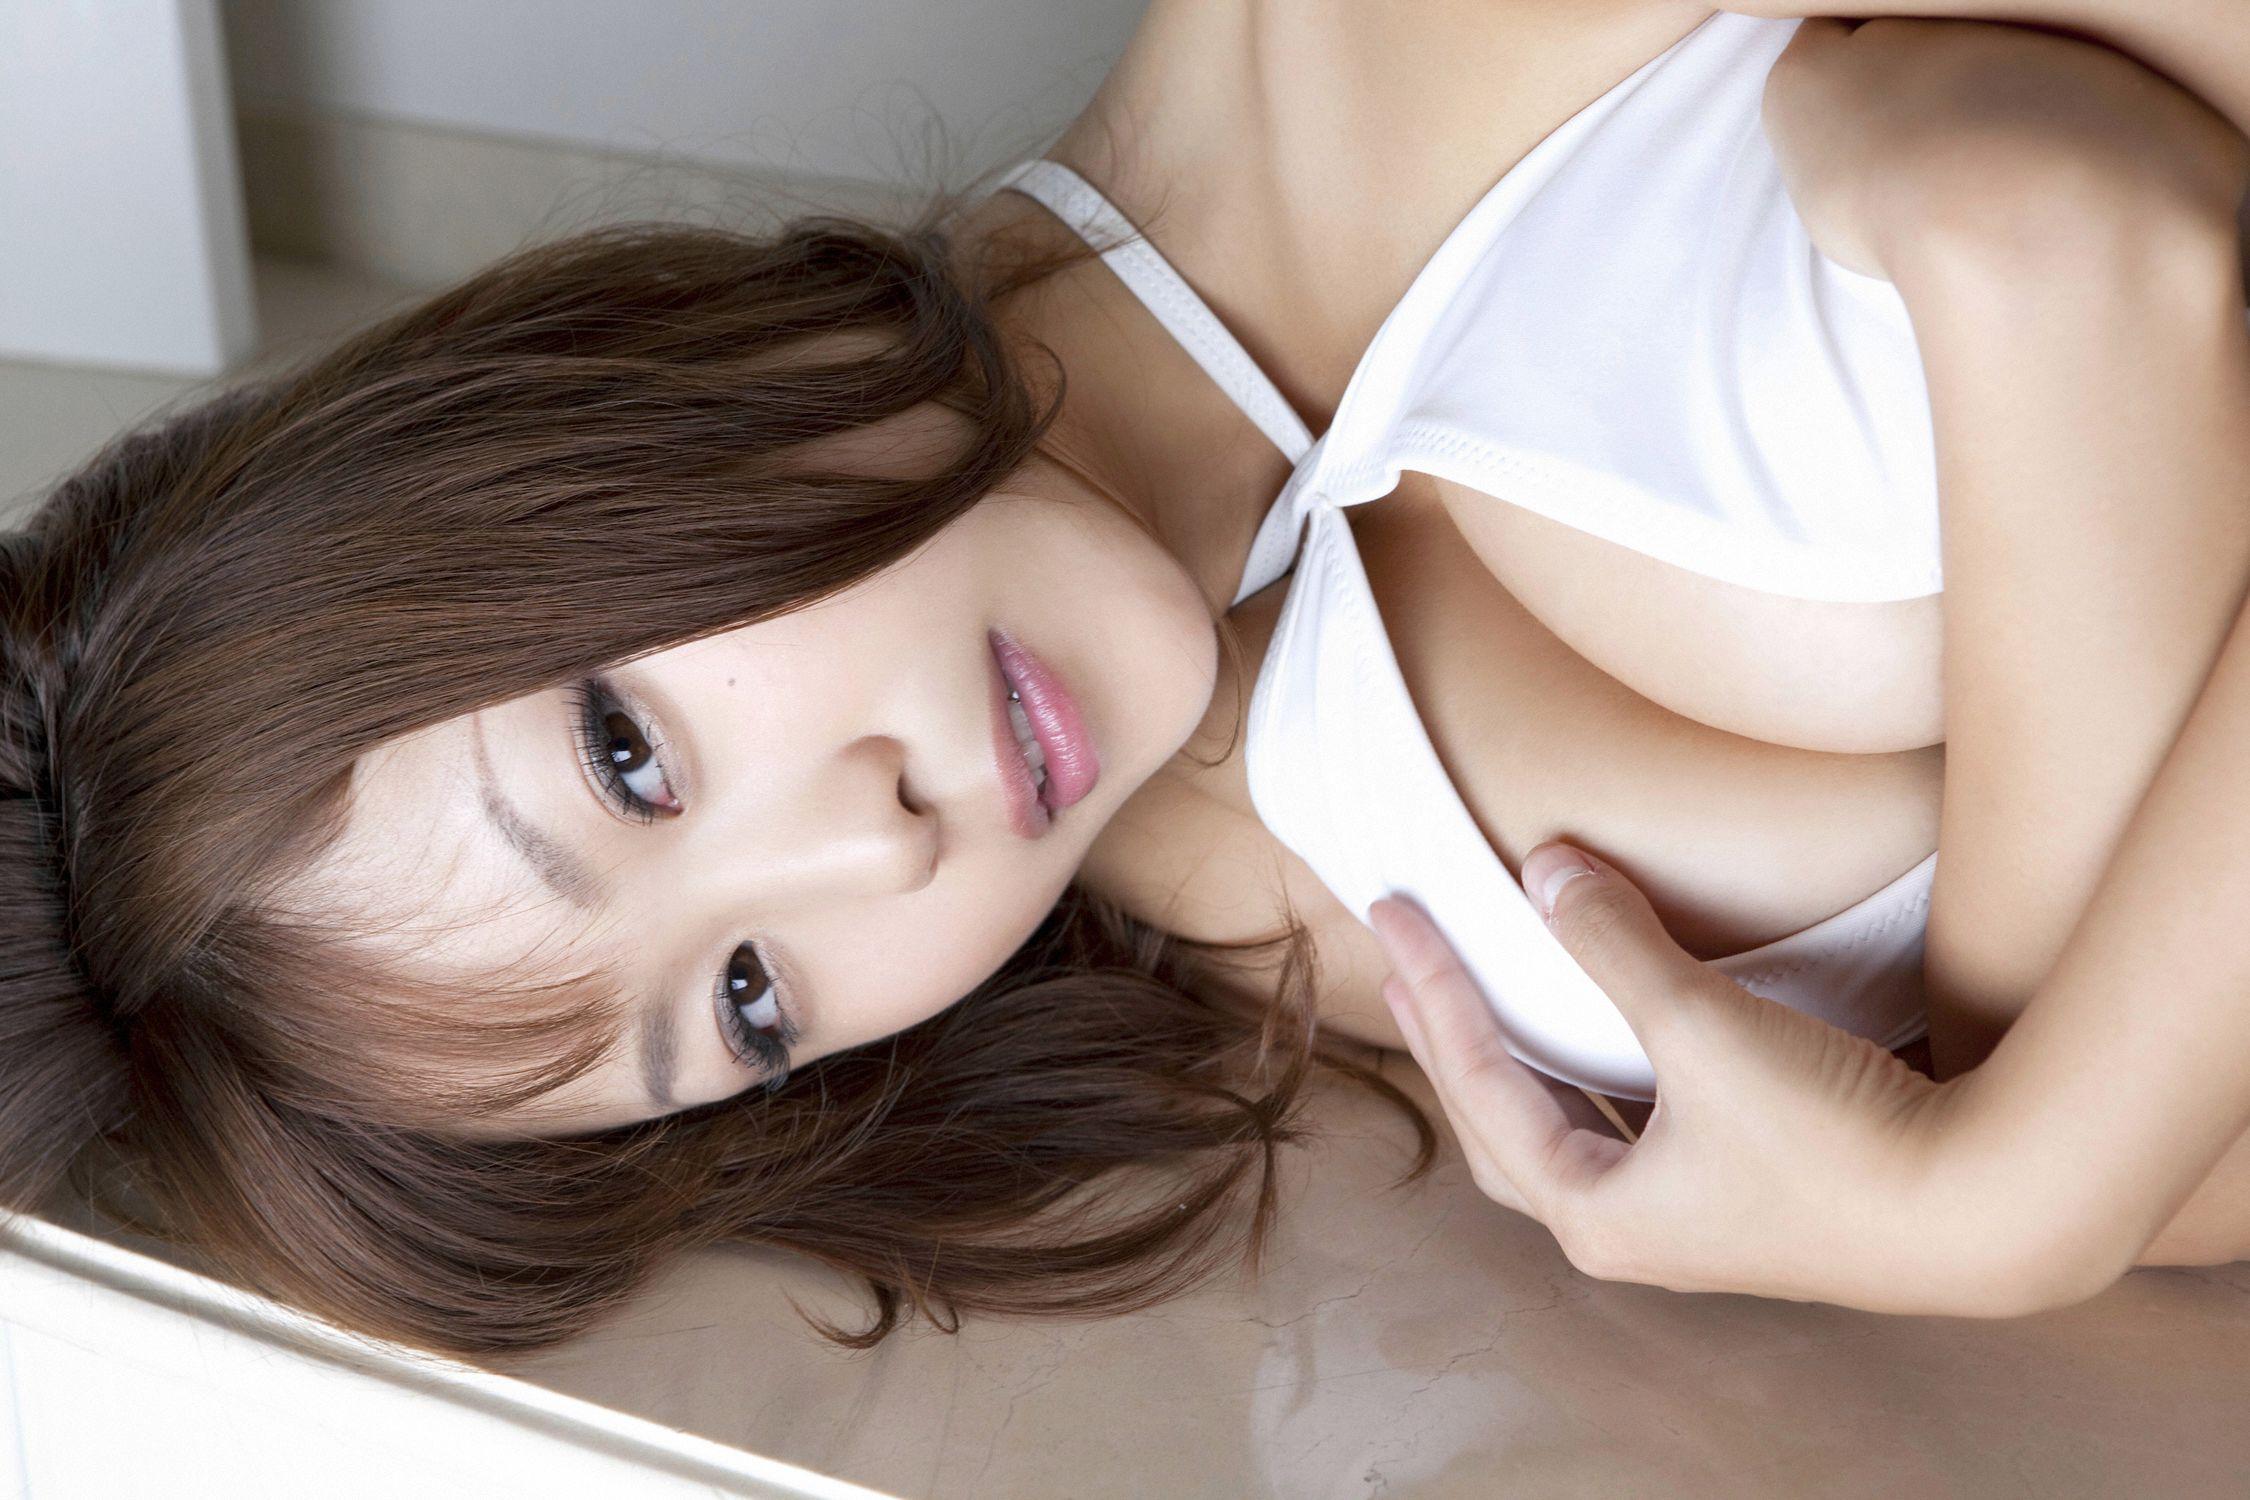 西田麻衣 過激 画像 73